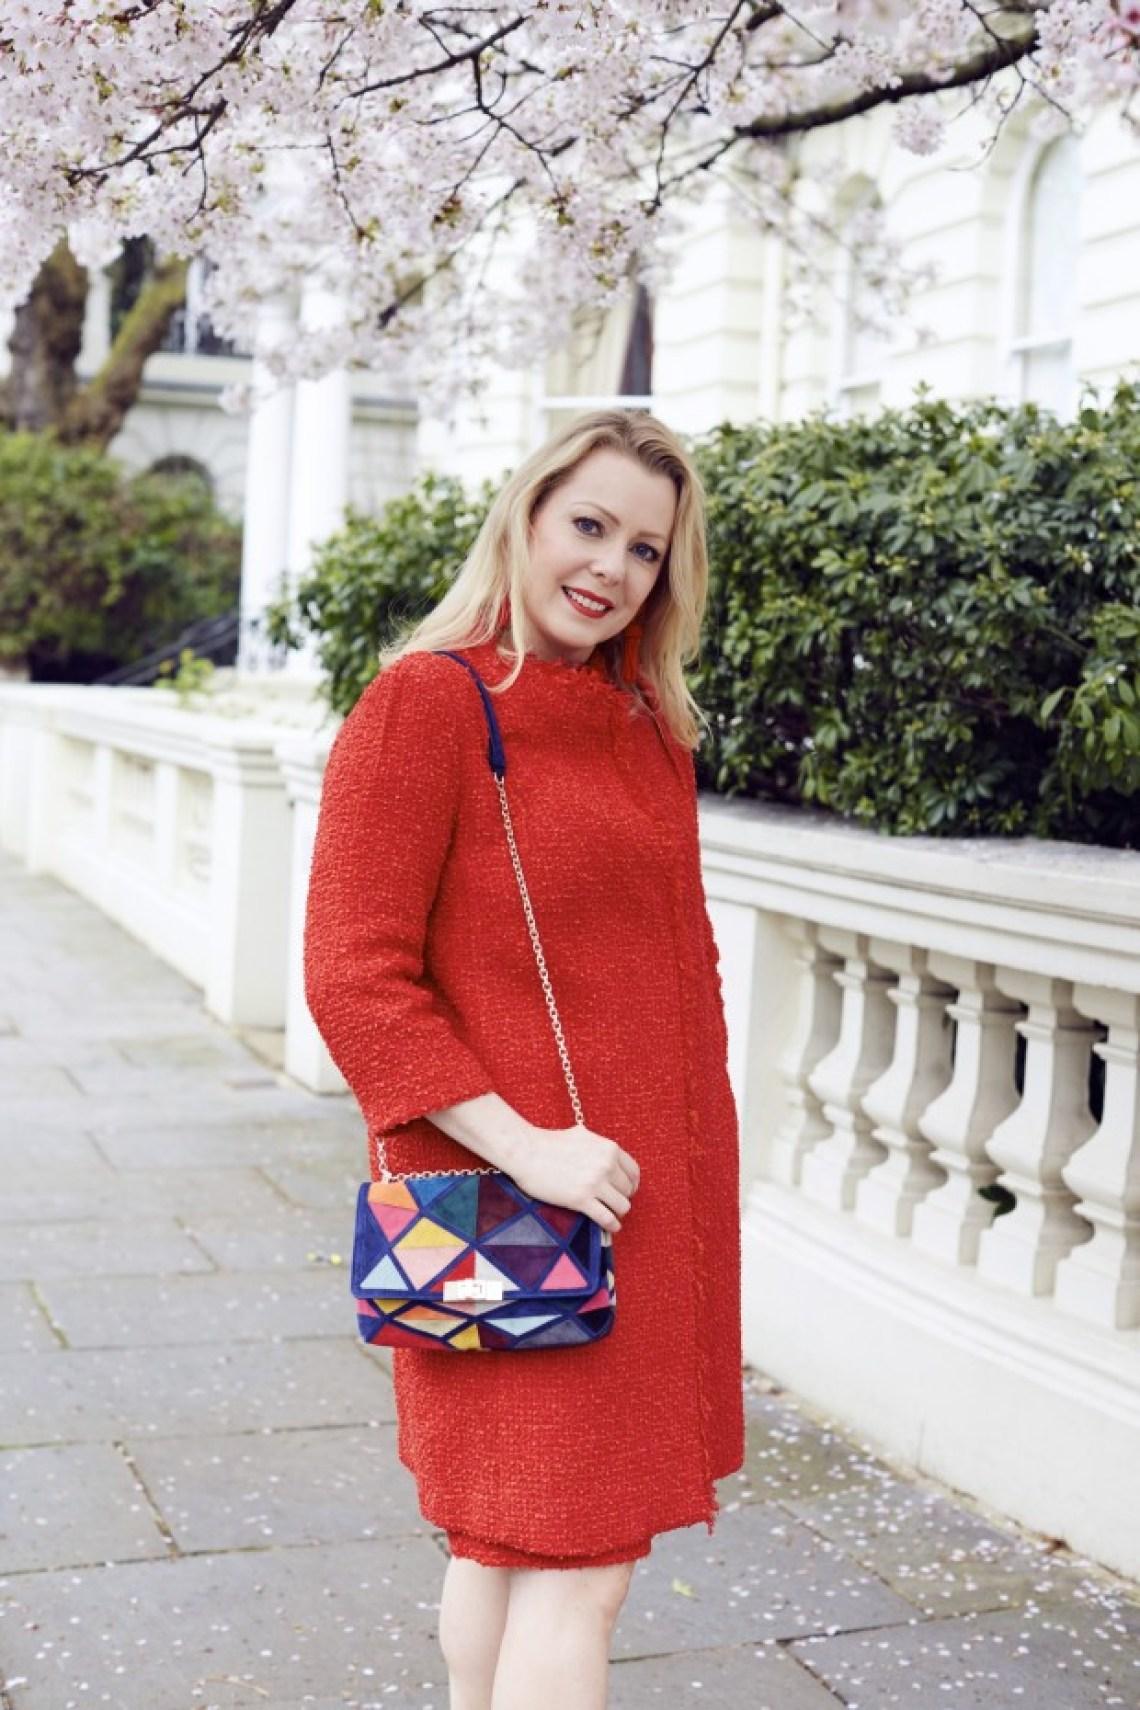 Red Tweed coat